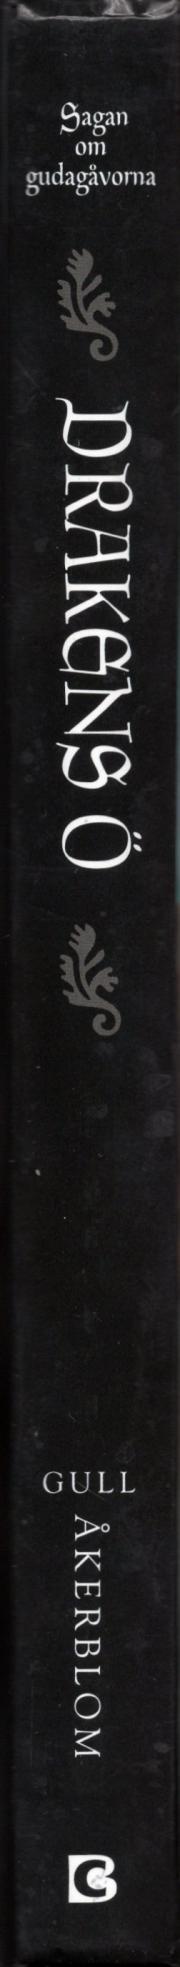 Drakens ö